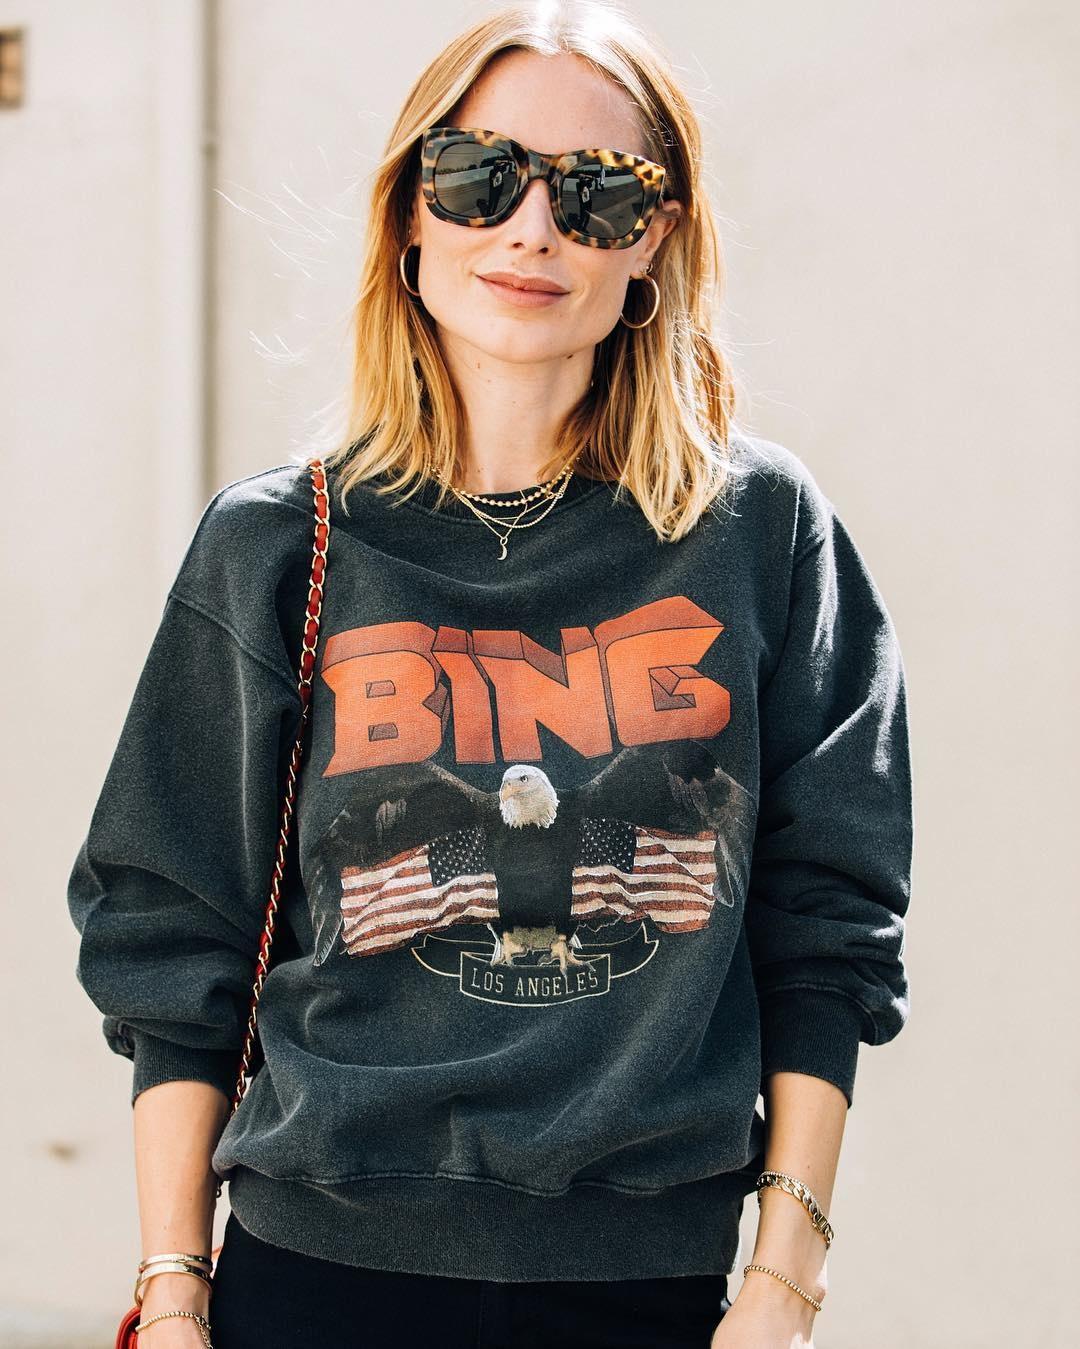 Vintage Bing Sweatshirt - Black-8